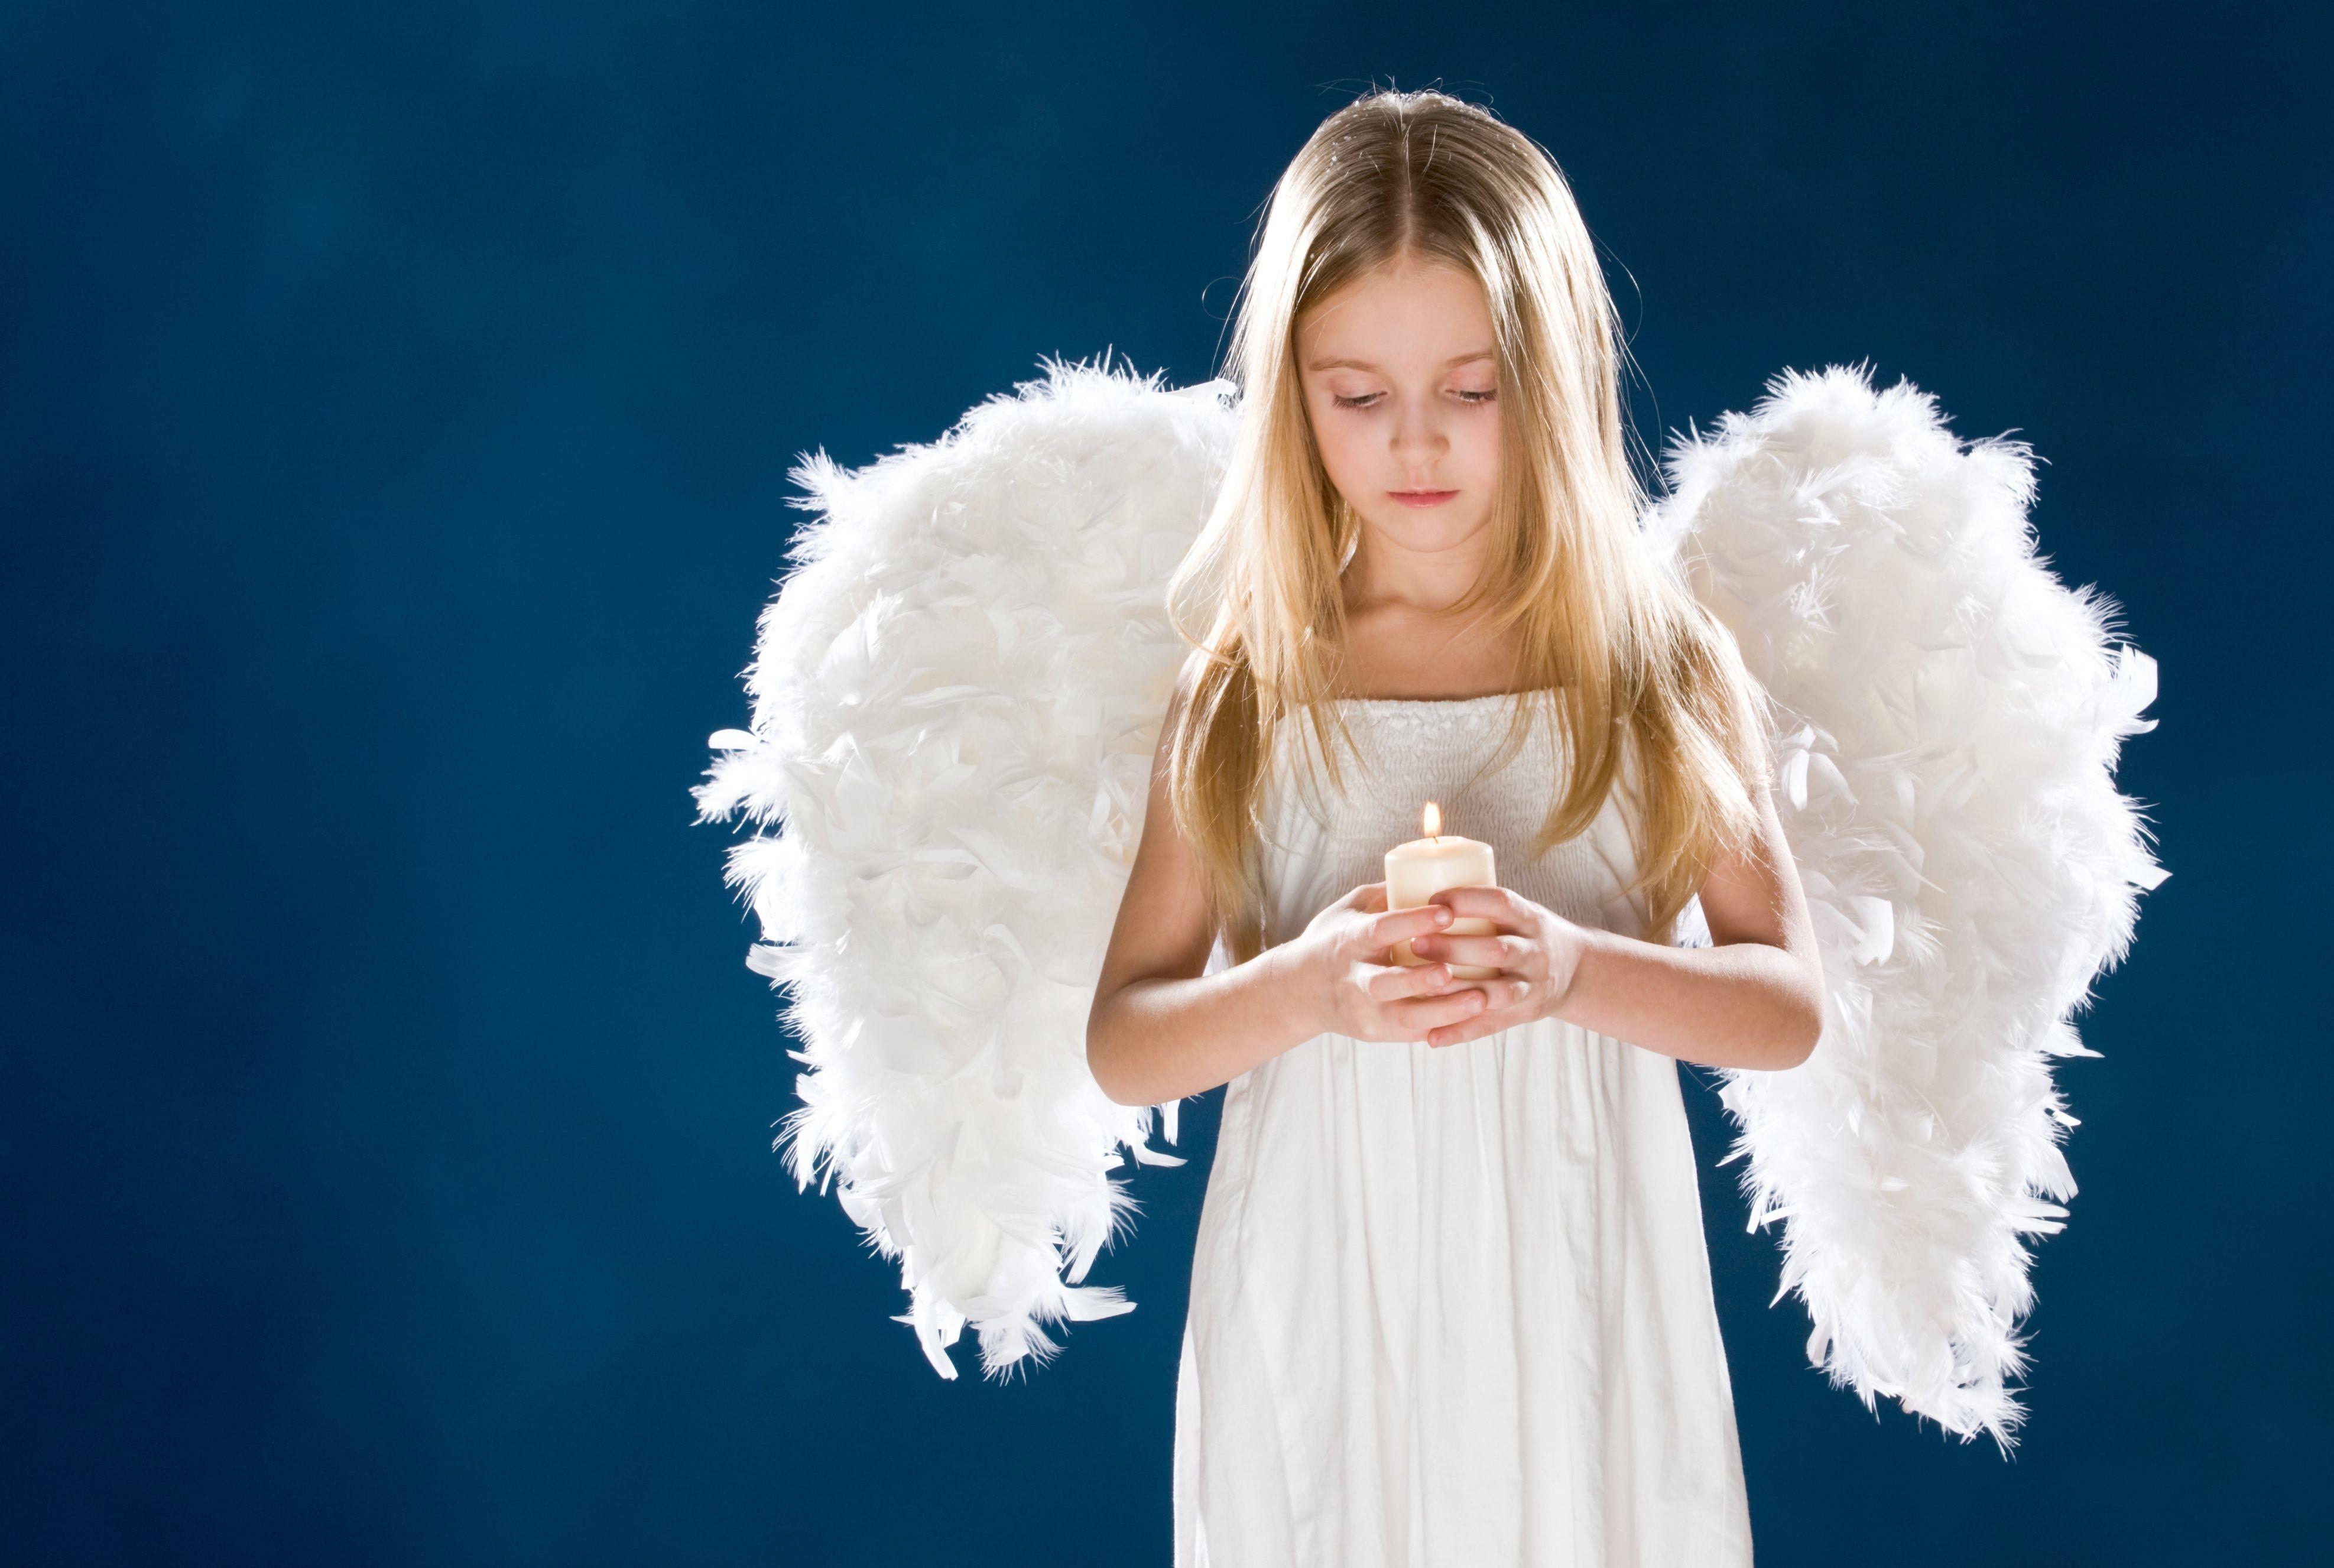 покажу фото ангелочка с крылышками фотографии непростая процедура